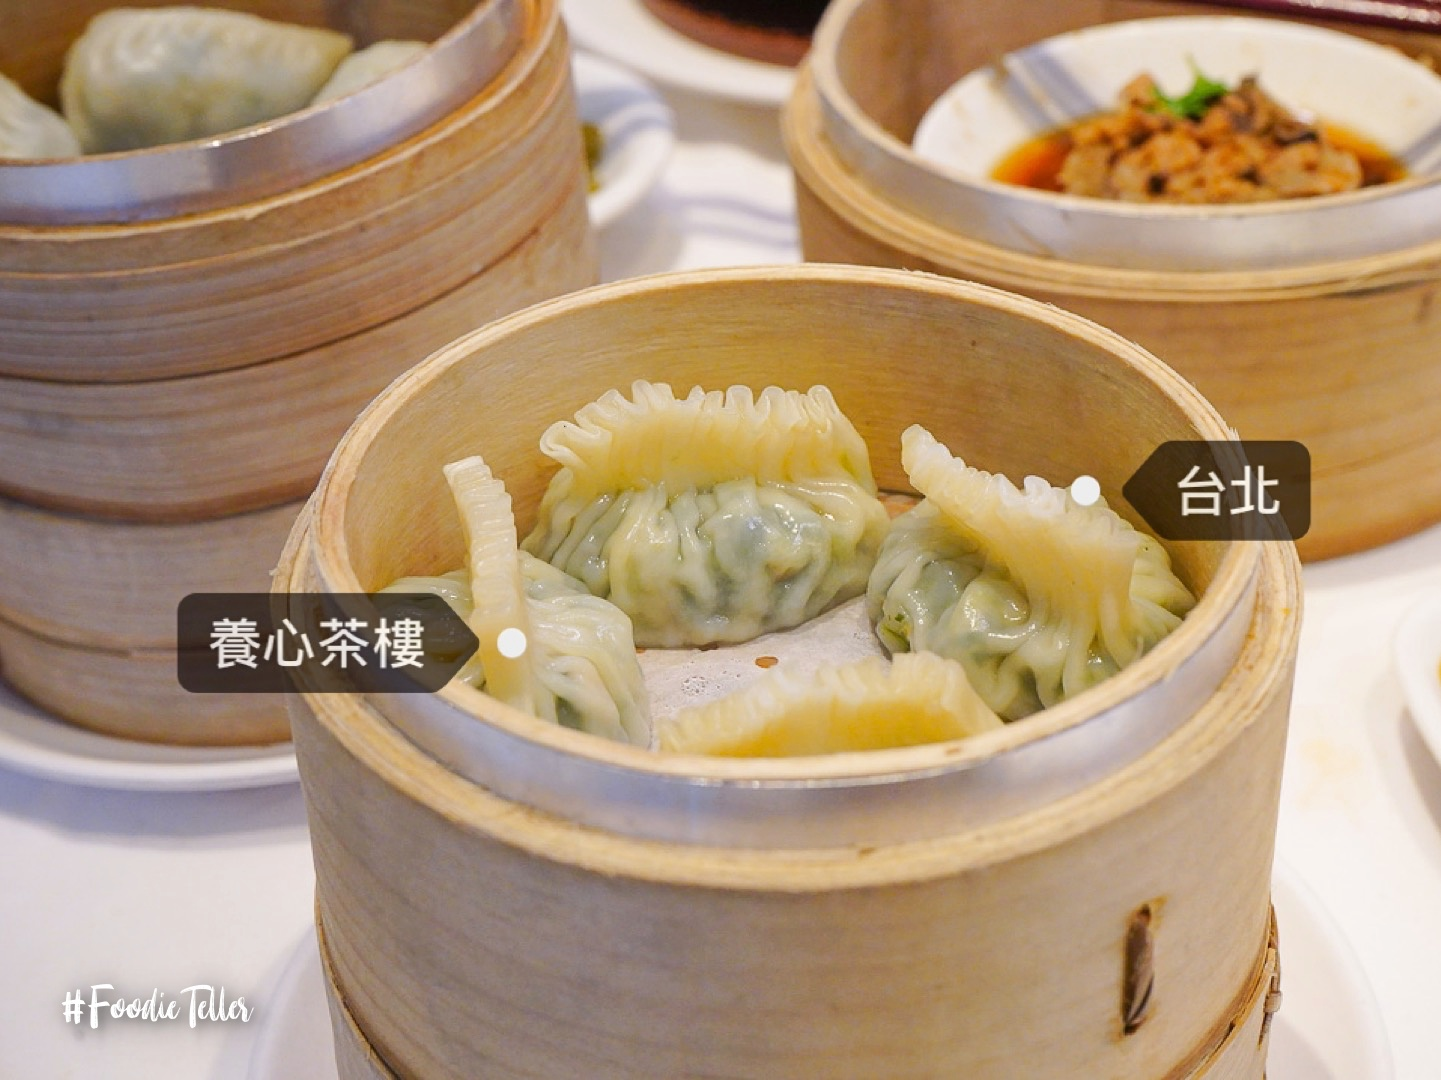 台北養心茶樓蔬食飲茶|素食餐廳好吃到讓葷食者一吃就愛上!Google評價4.3顆星!